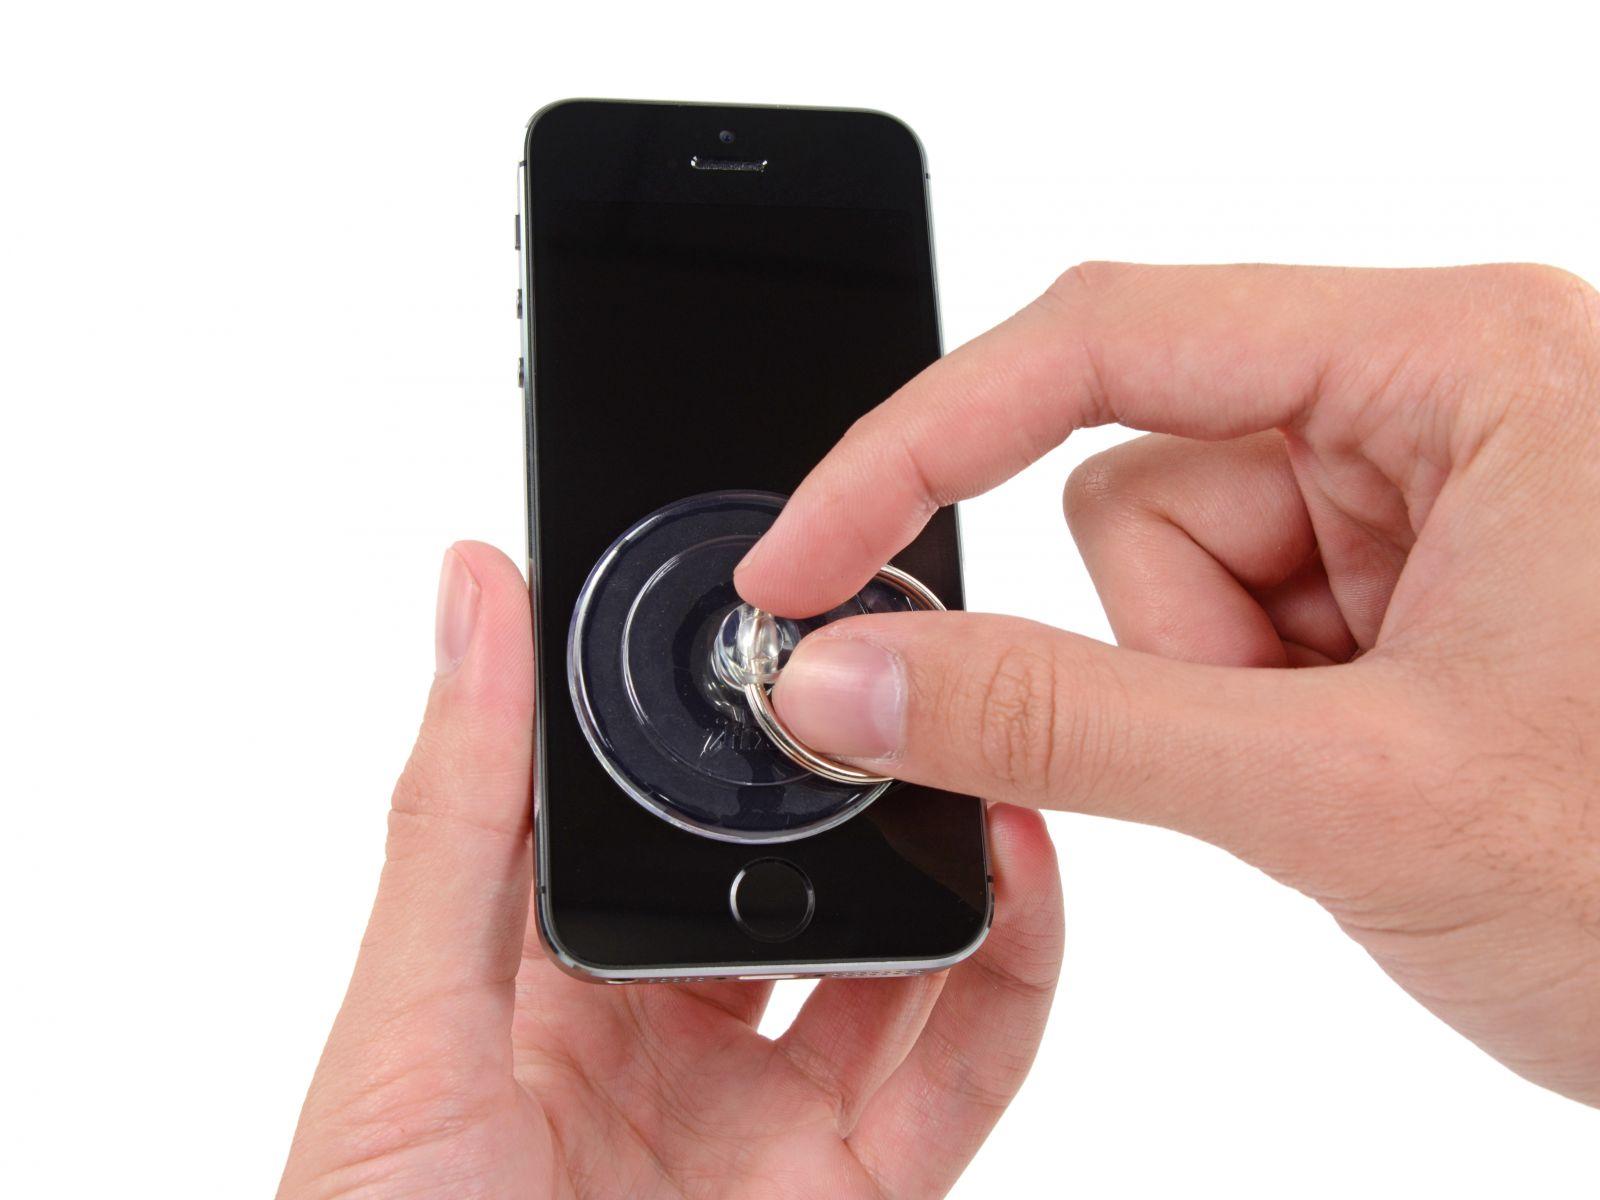 Замена кнопки «домой» на iPhone 5S (6)